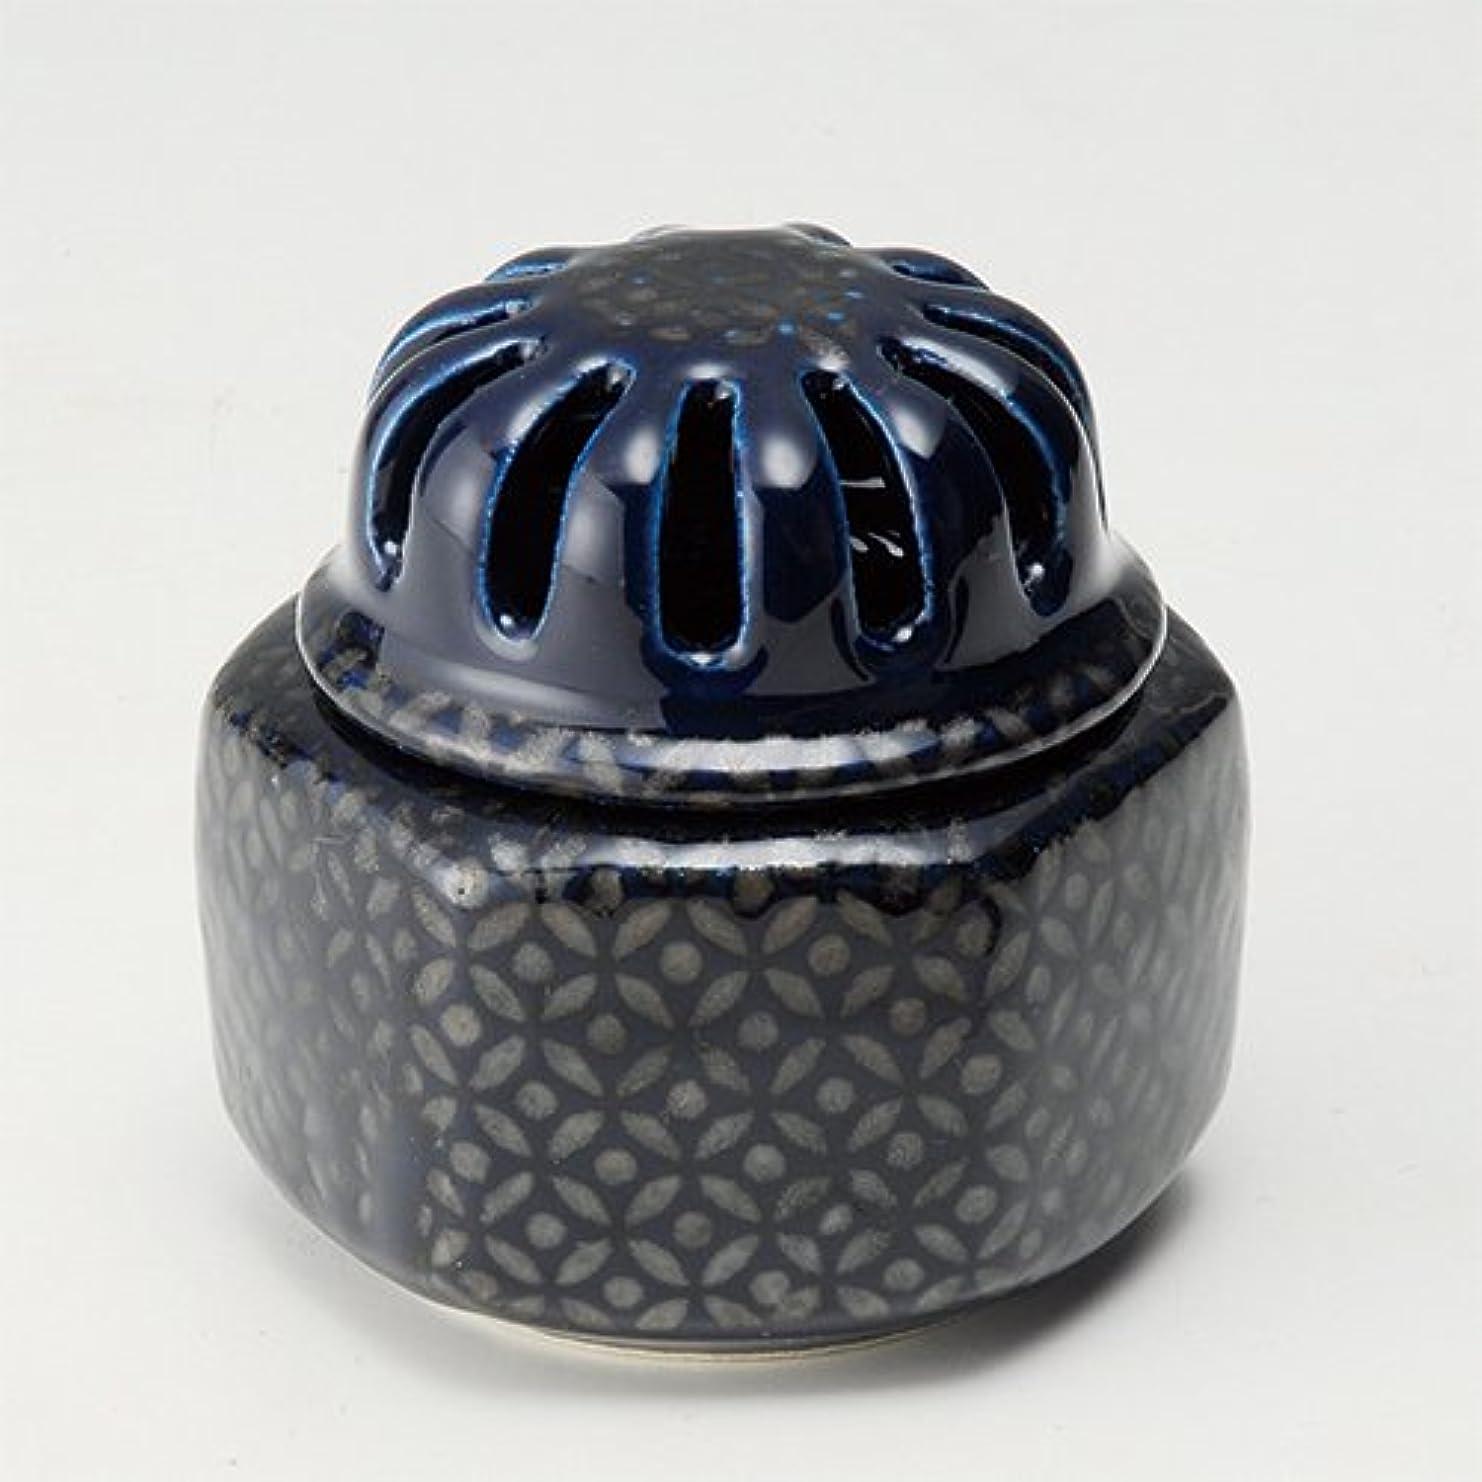 ゴミ統治する応答香炉 瑠璃七宝 福香炉 [R8.8xH8.7cm] プレゼント ギフト 和食器 かわいい インテリア